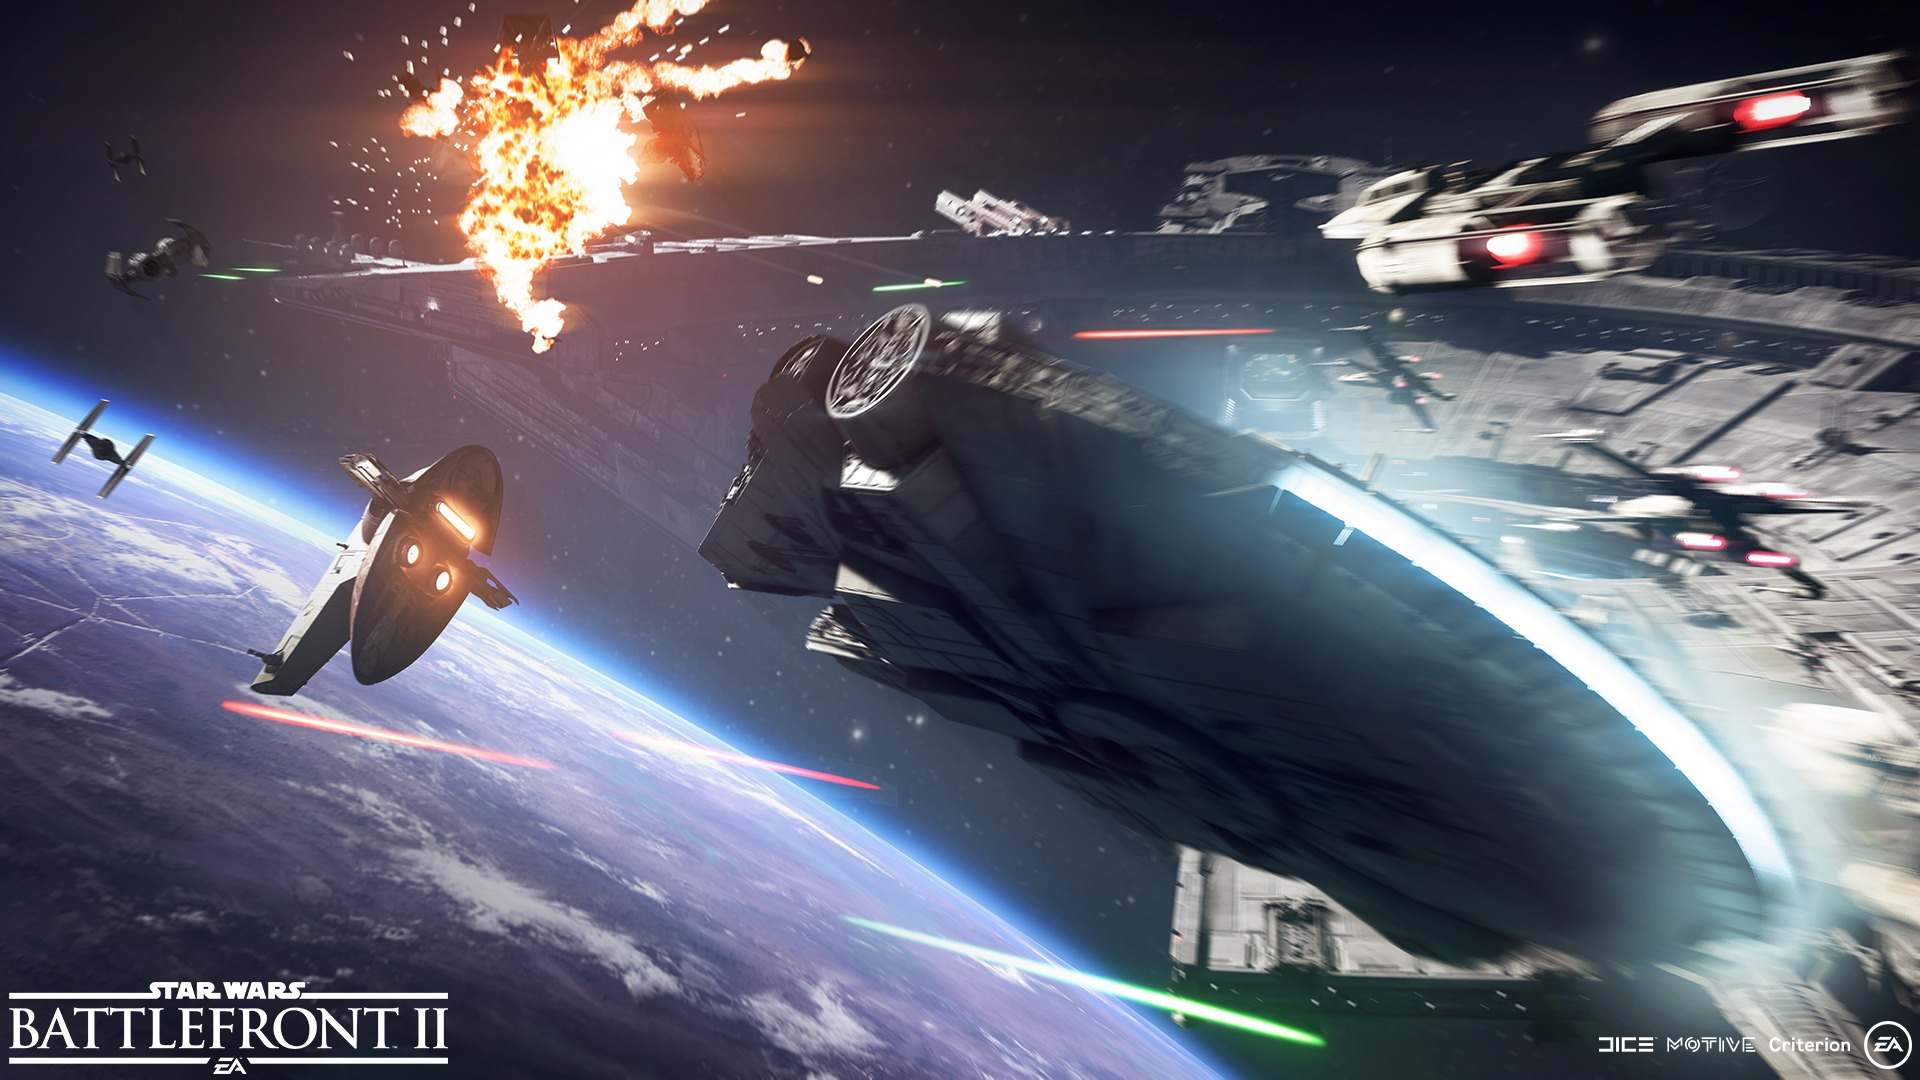 falcon millenium dans une bataille spatiale